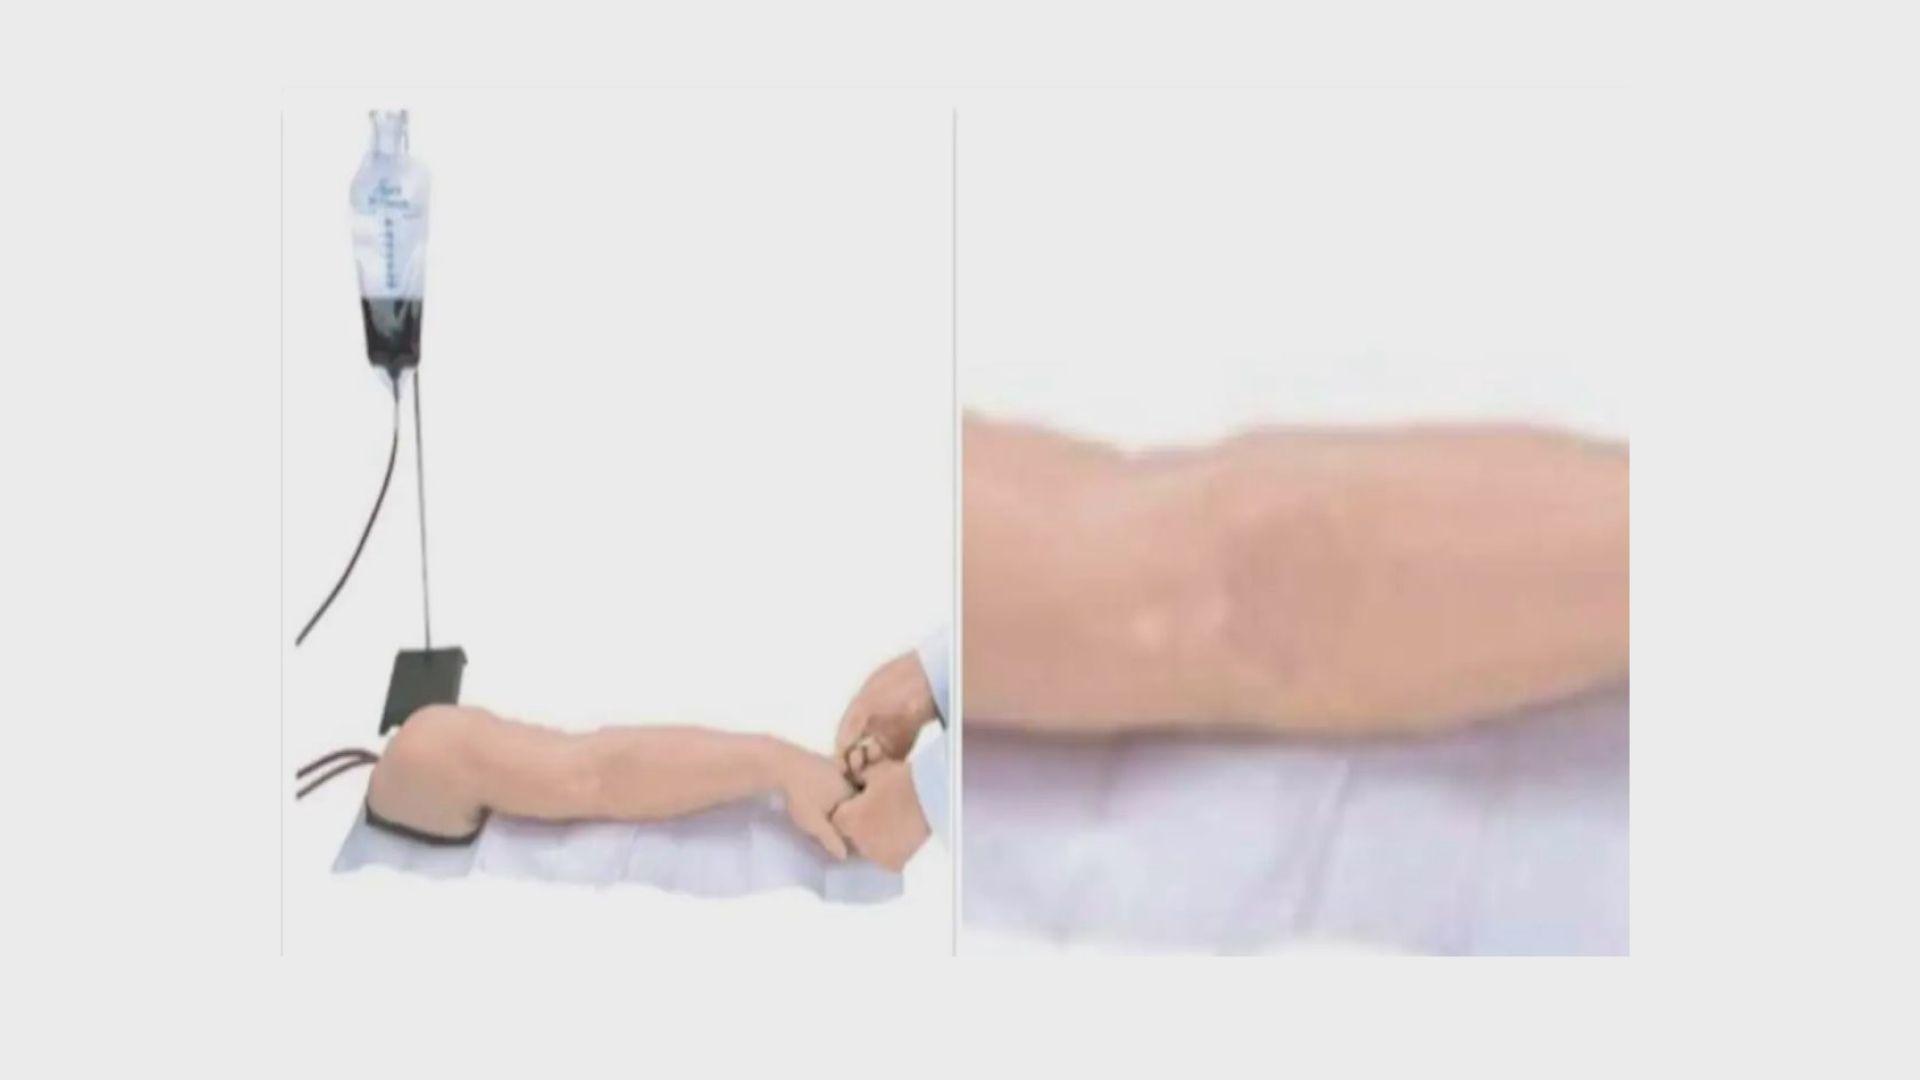 【環球薈報】網售九千元假手臂聲稱能騙取疫苗接種證明